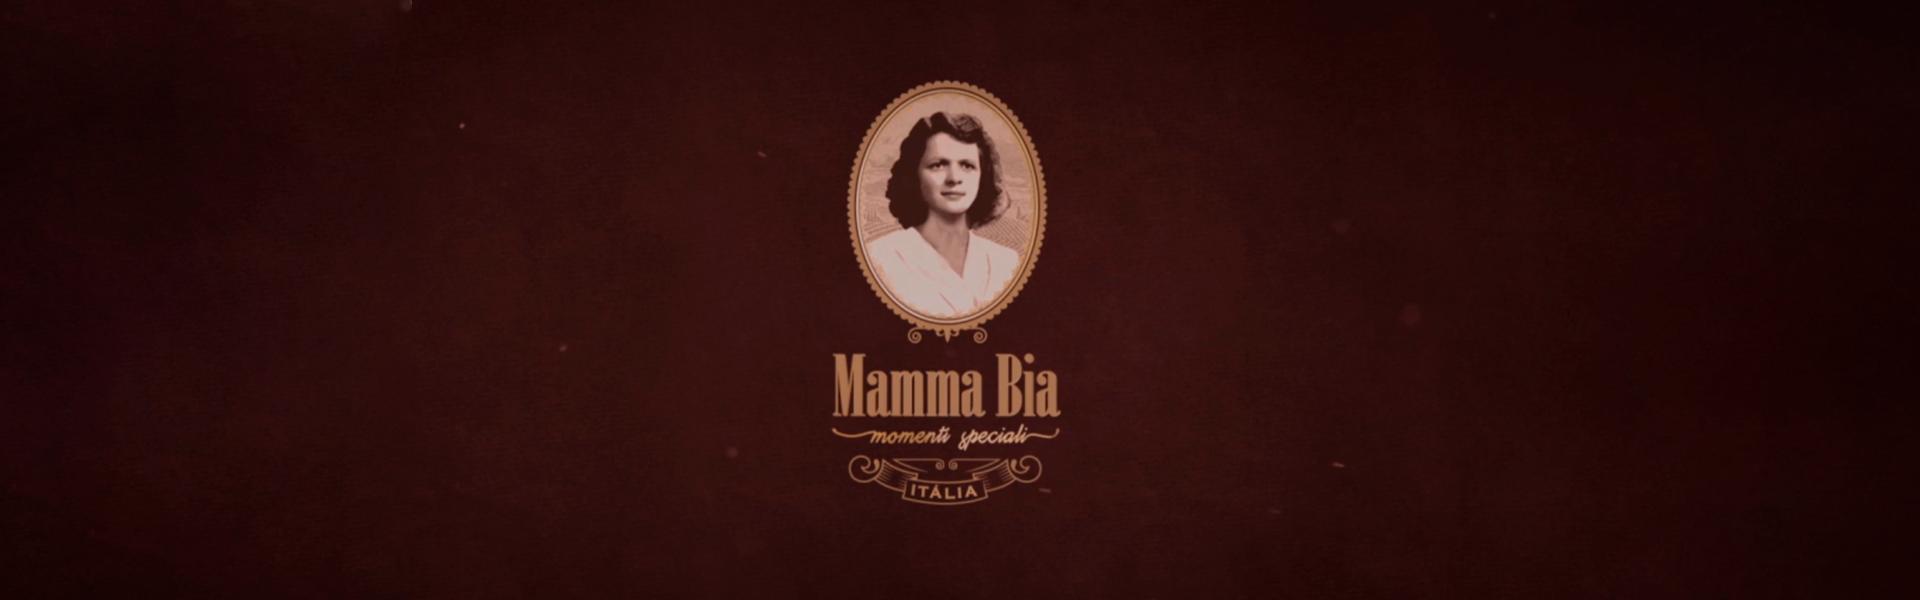 Mamma Bia - Nossa História